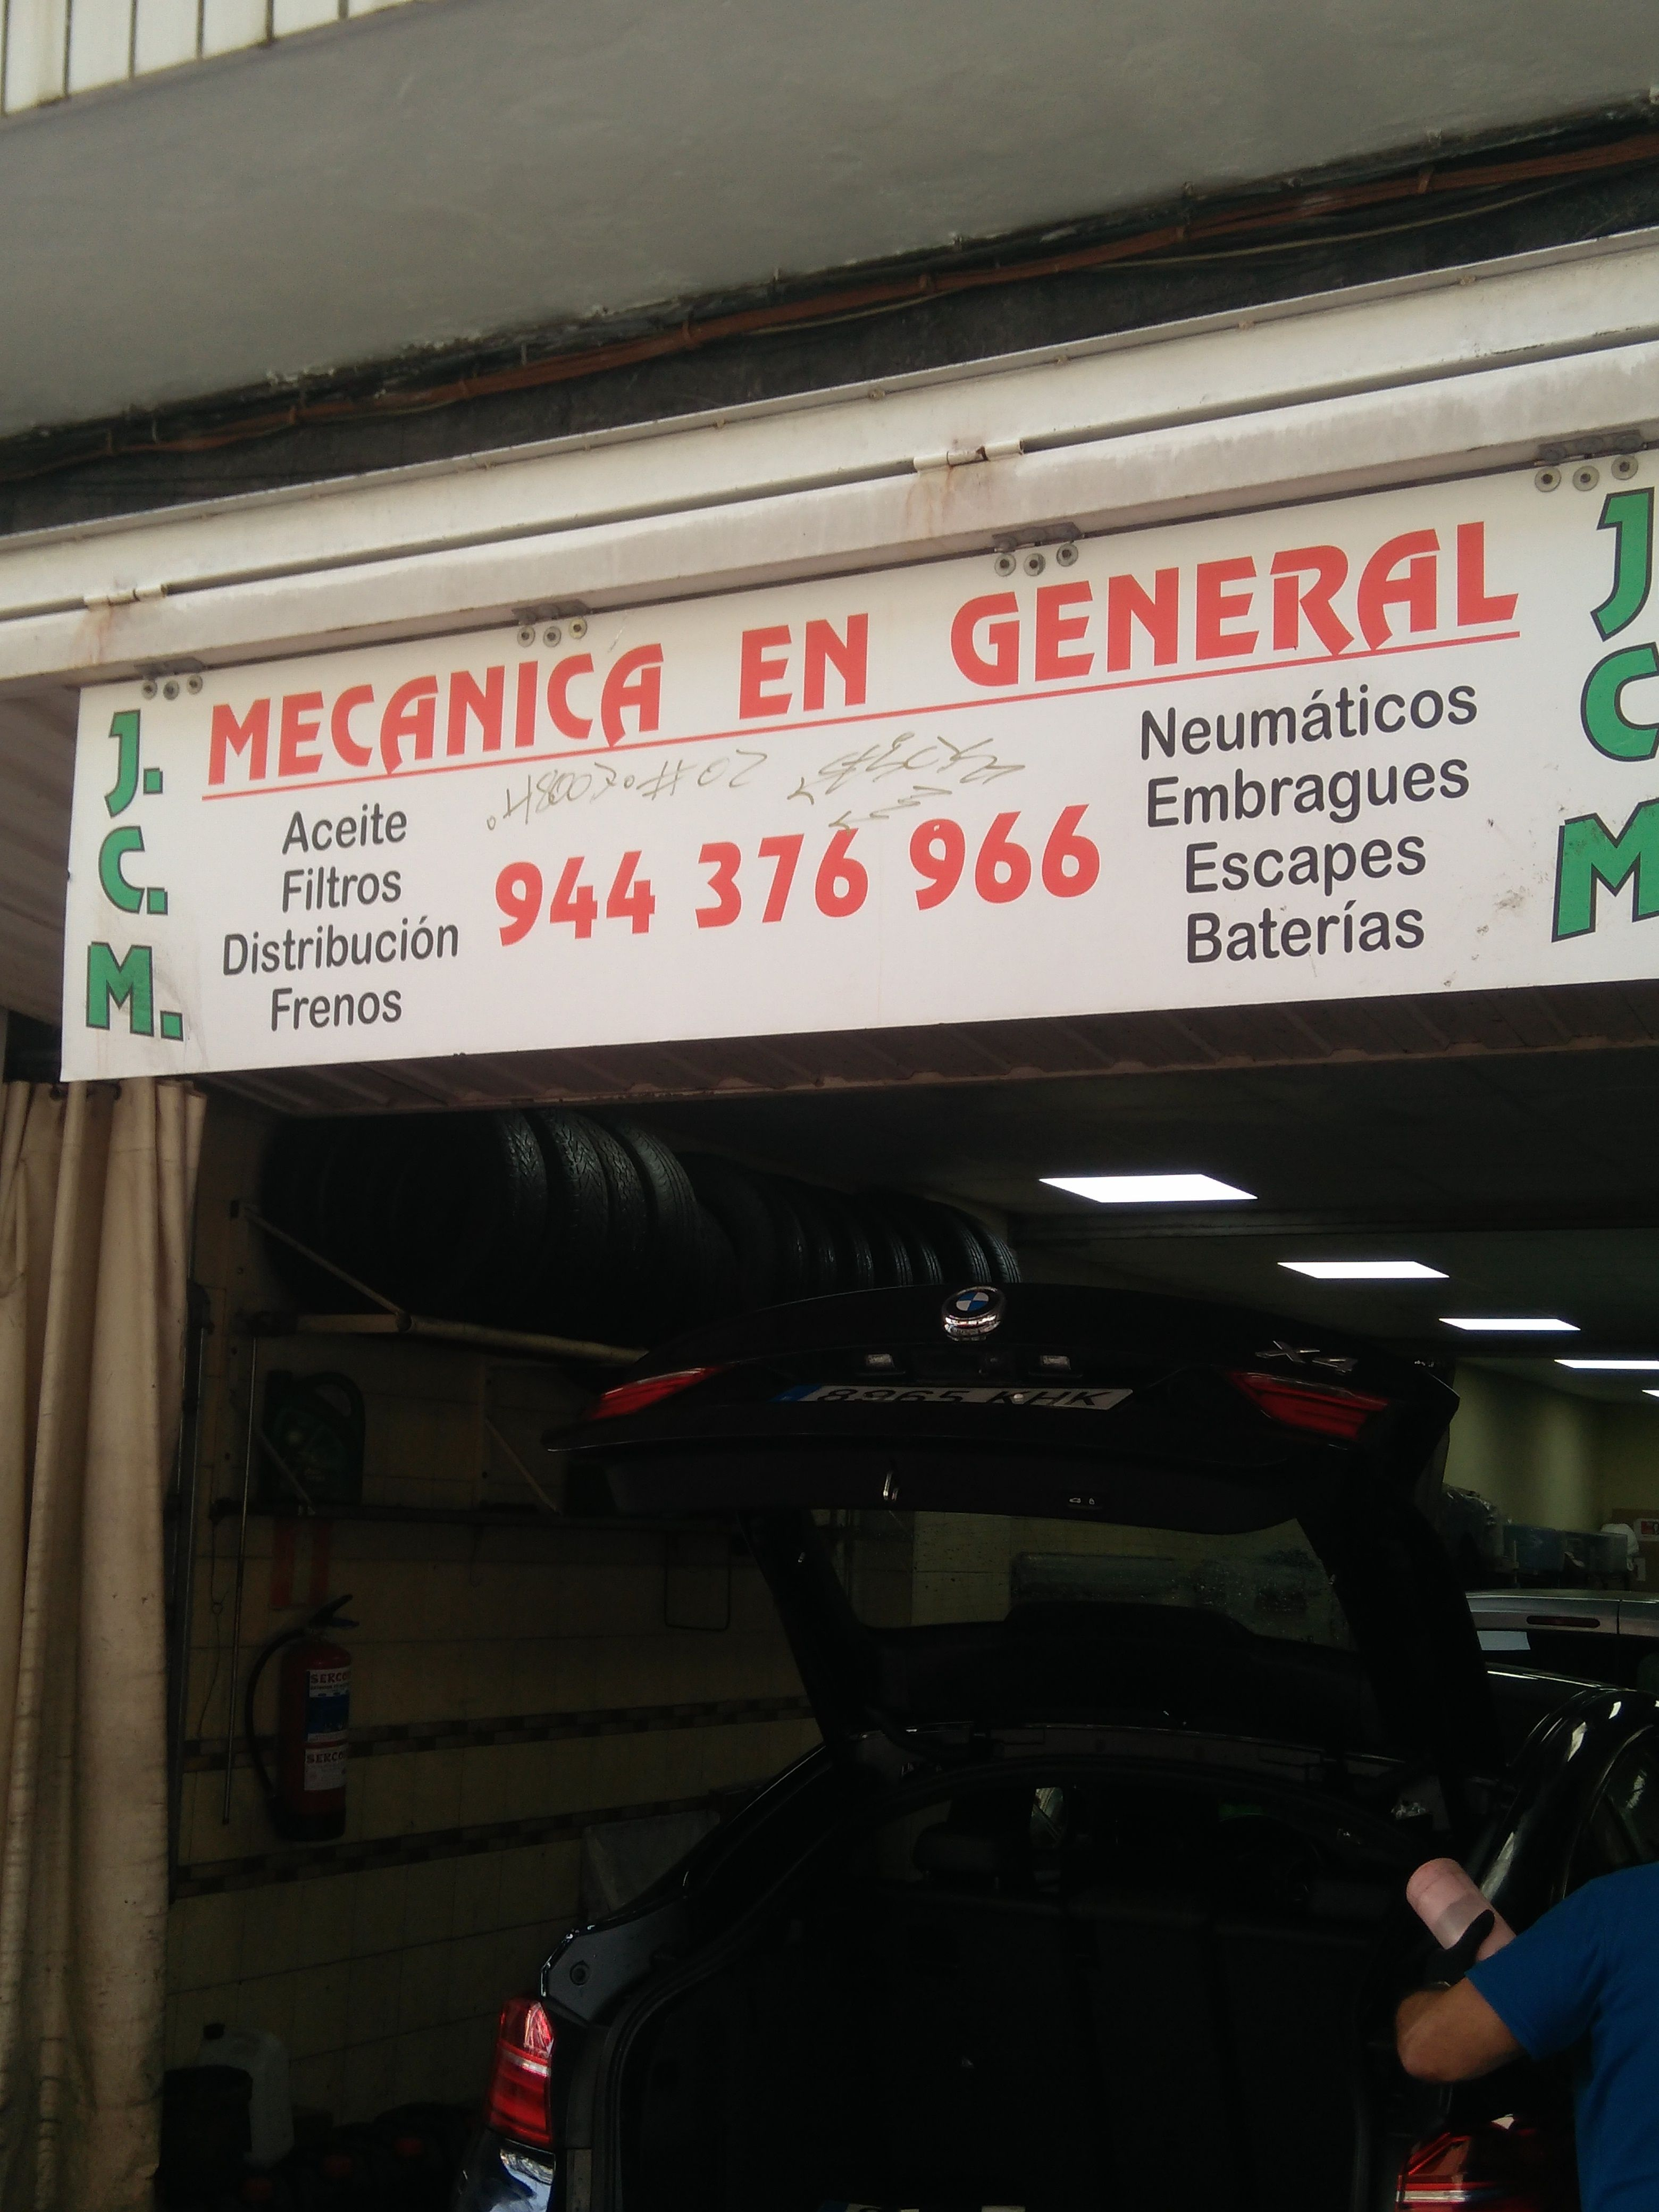 Taller de mecánica en general en Vizcaya